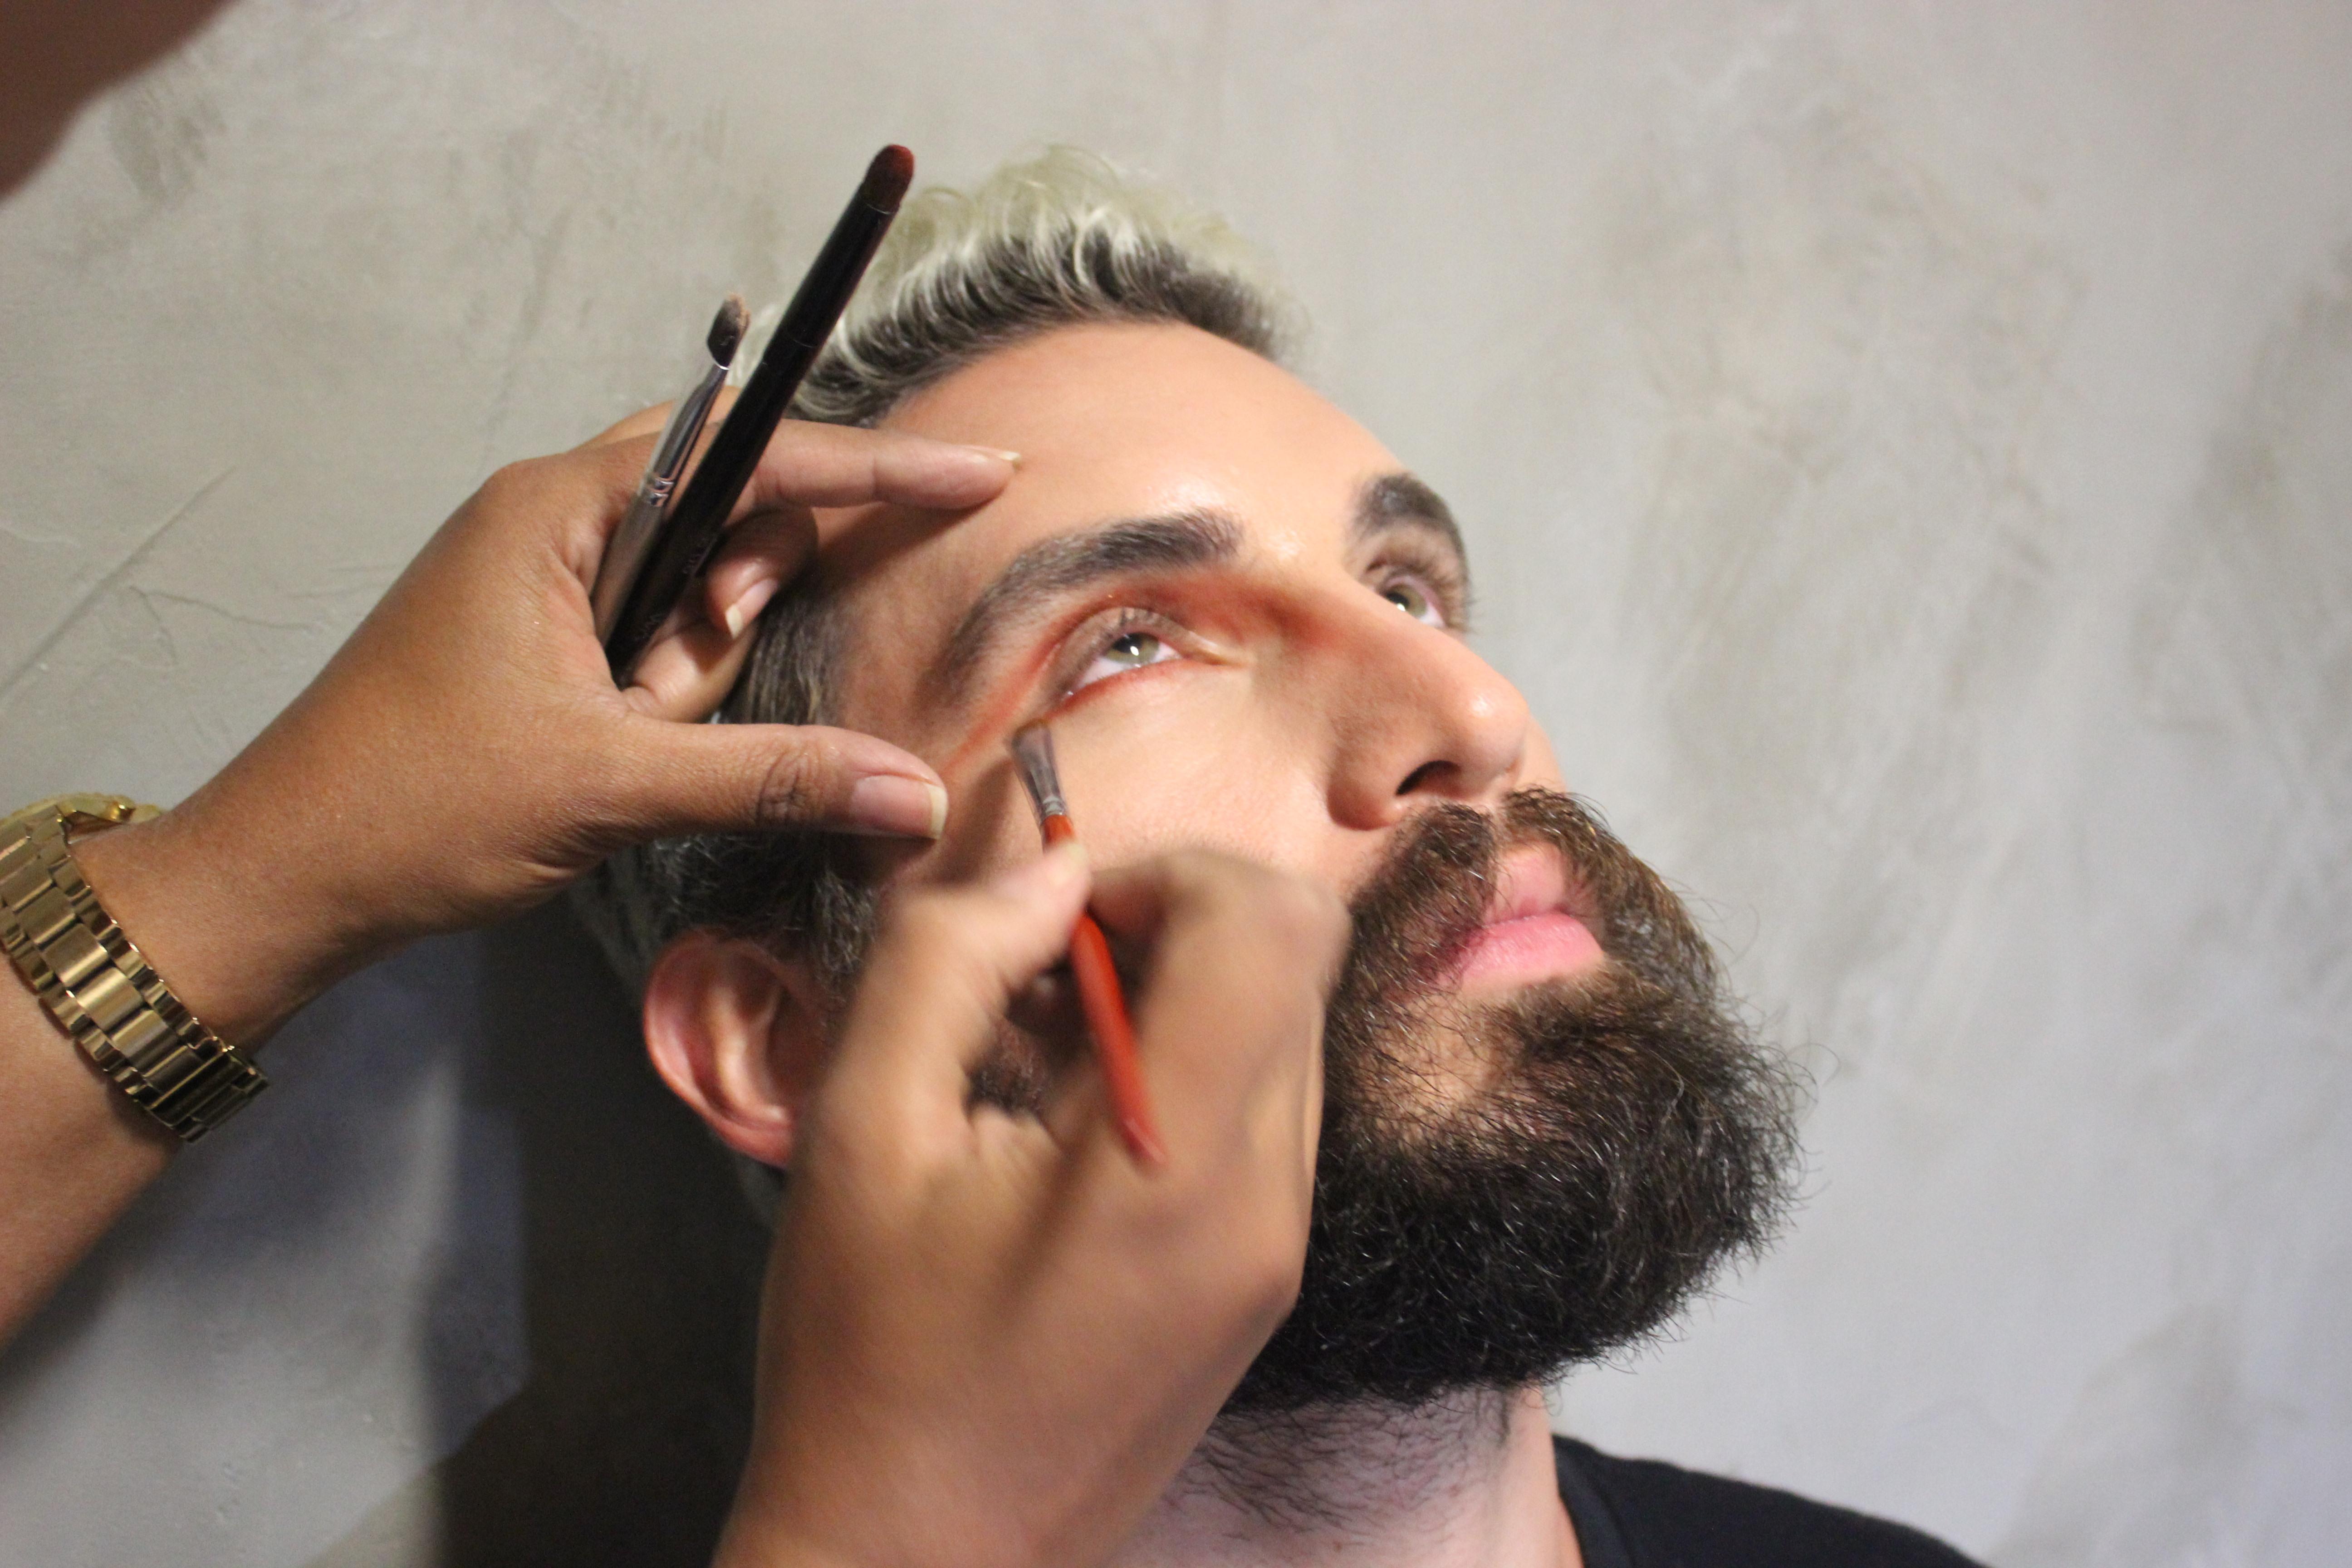 maquiagem masculina, maquiagem carnaval 2017, maquiagem para homem, fantasia masculina 2017, carnaval 2017, mens, grooming, dicas de moda, moda sem censura, alex cursino, blog de moda masculina (5)